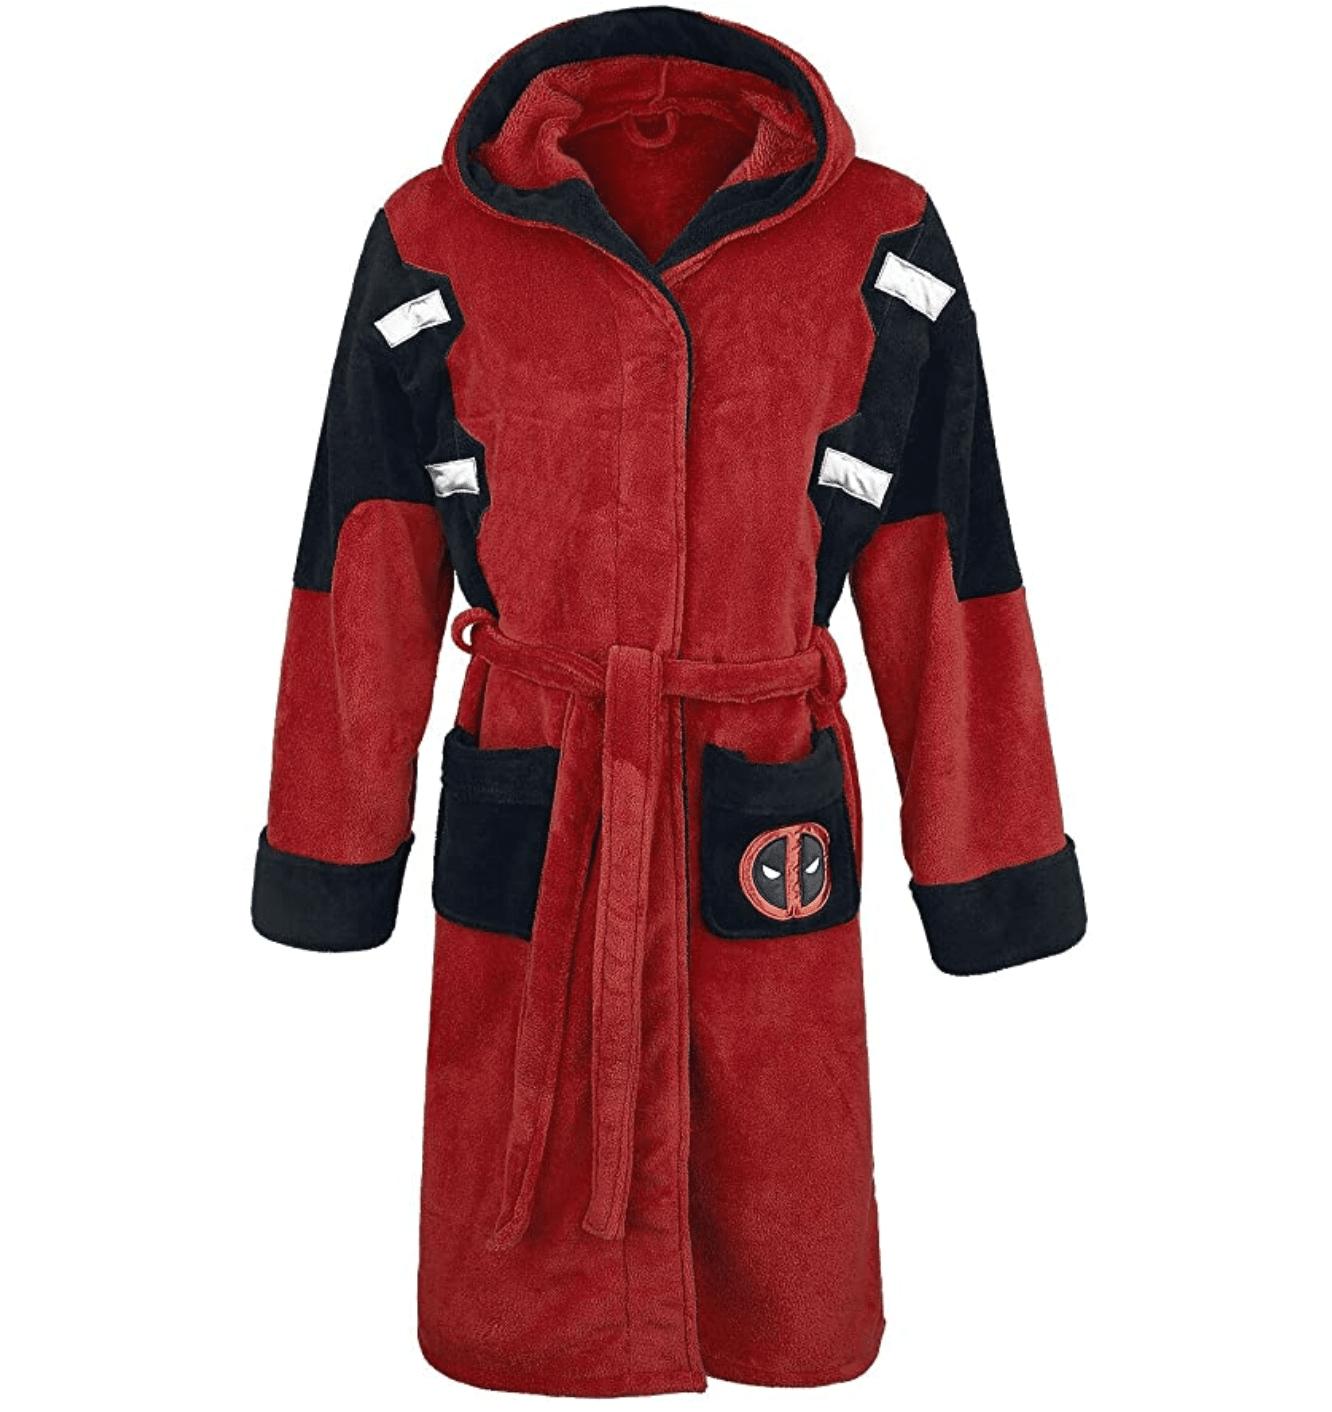 deadpool gift idea bathrobe